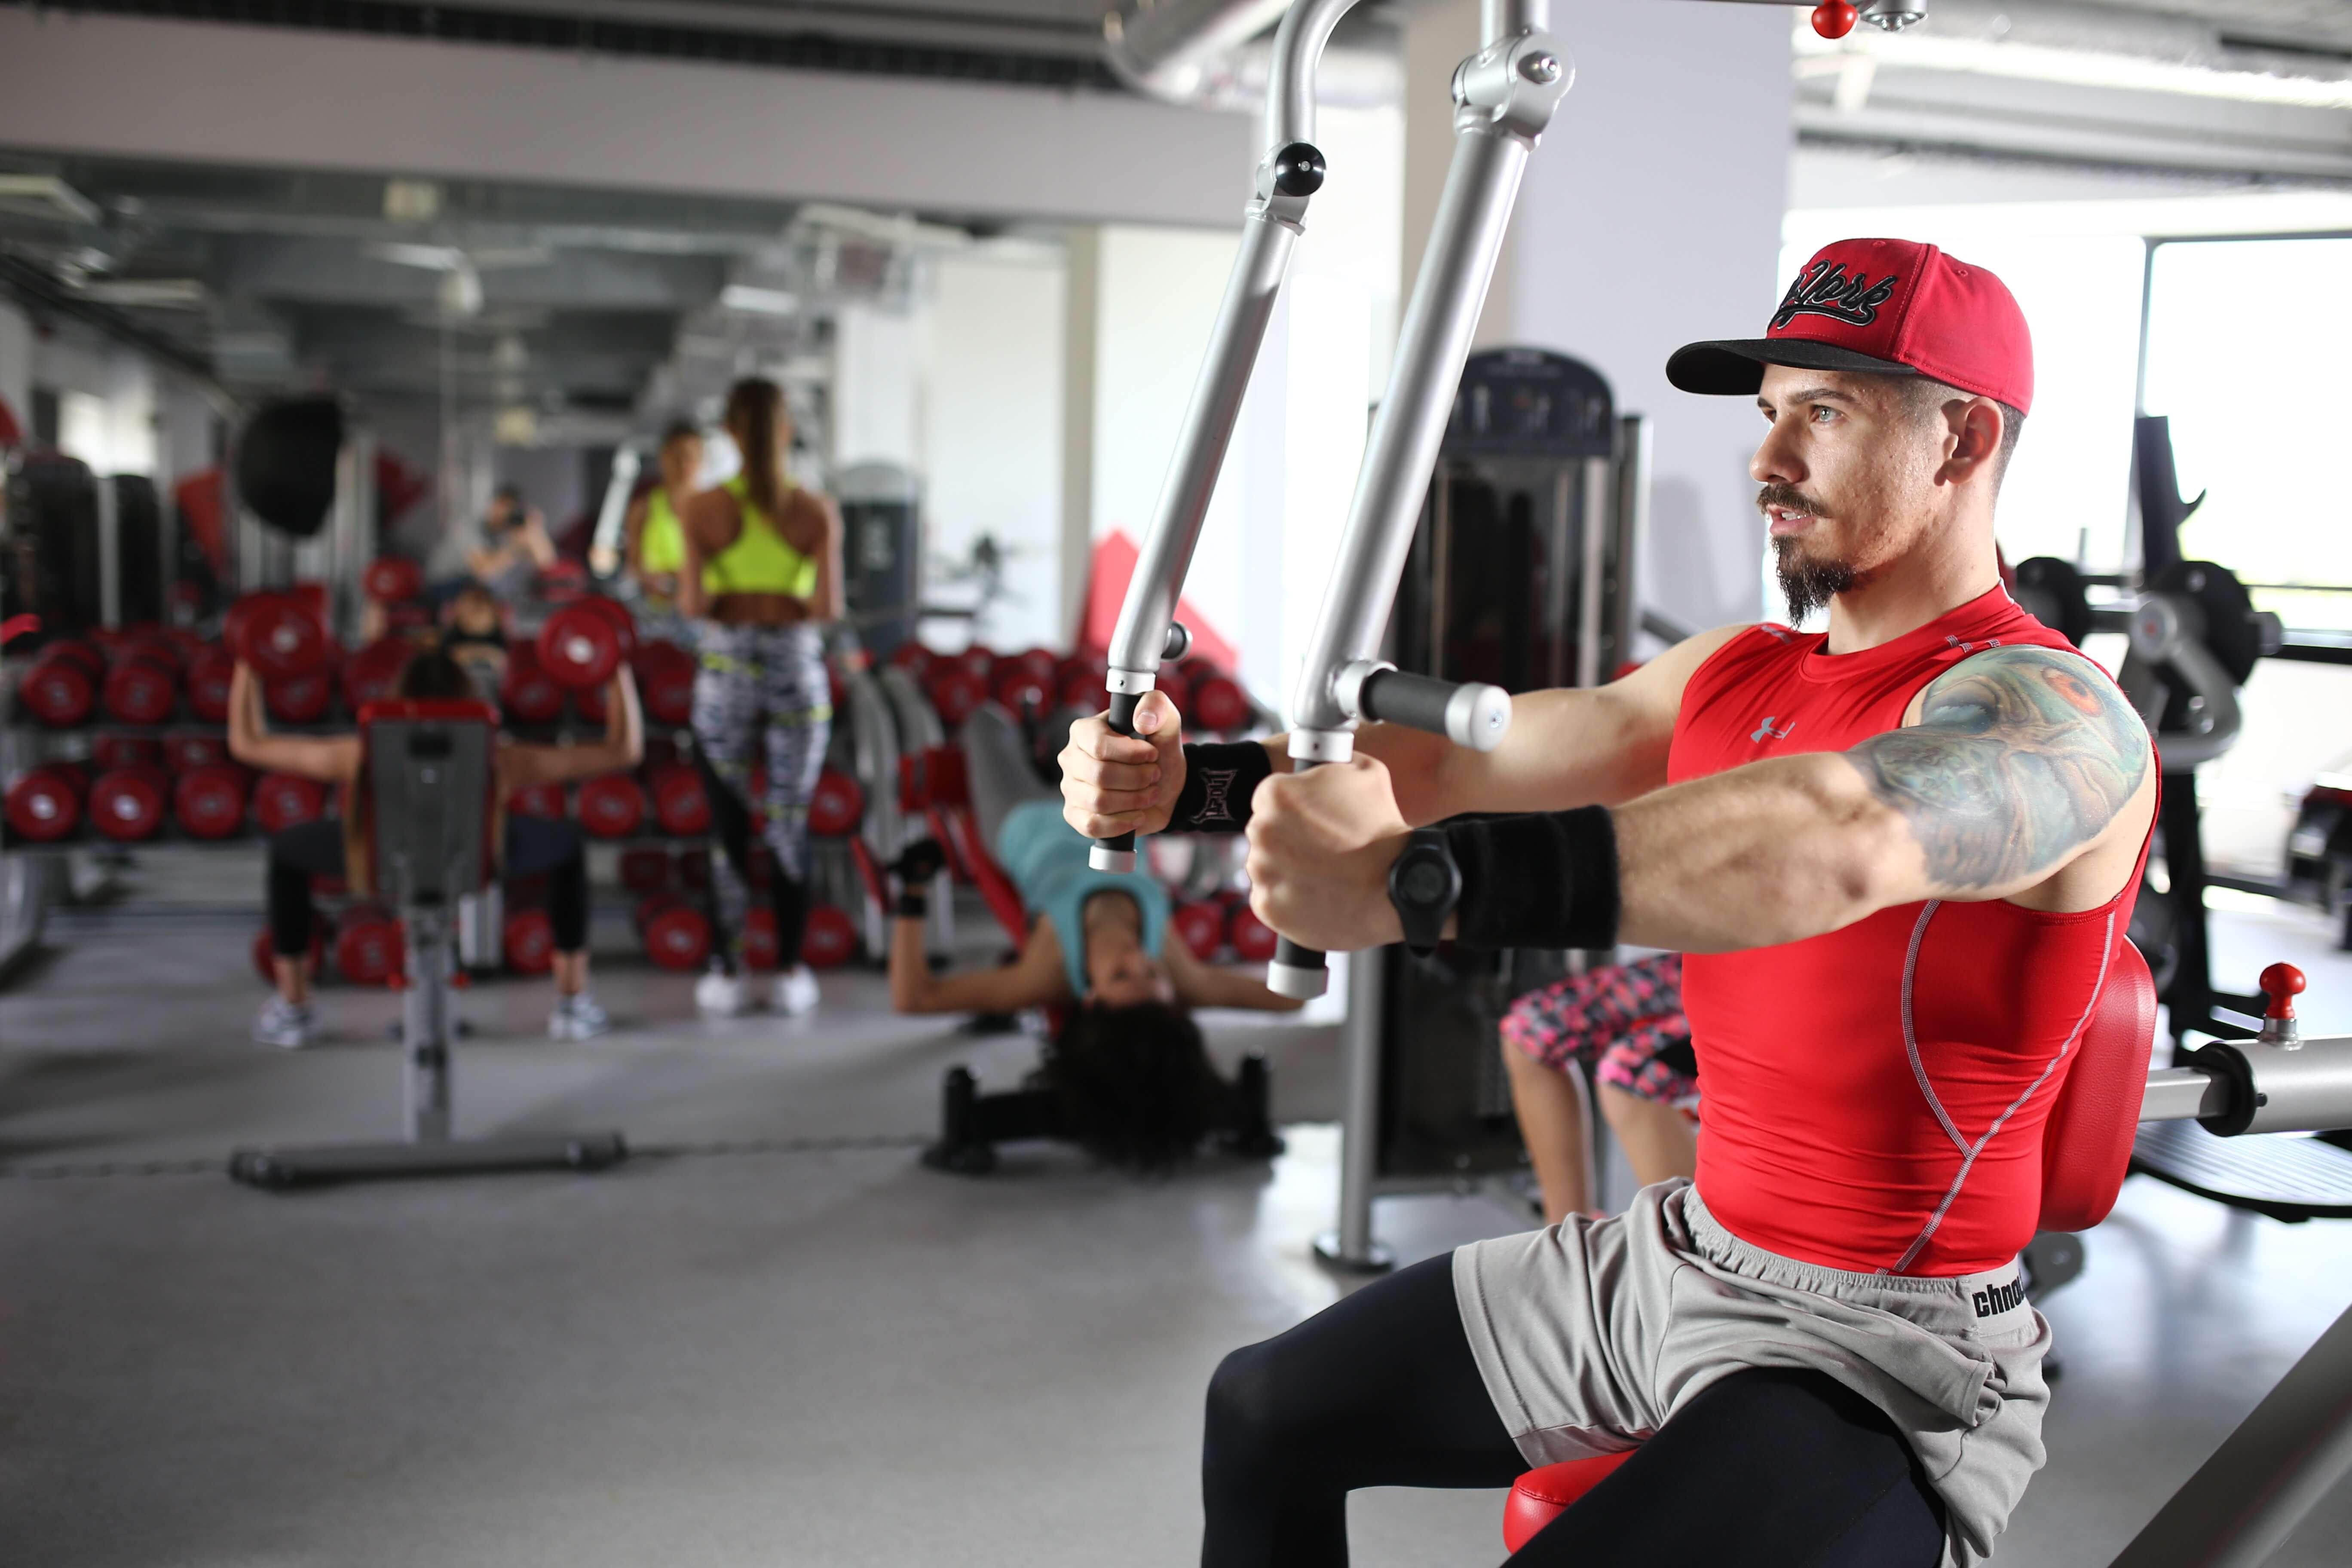 Galerie echipamente fitness 2018 - 9